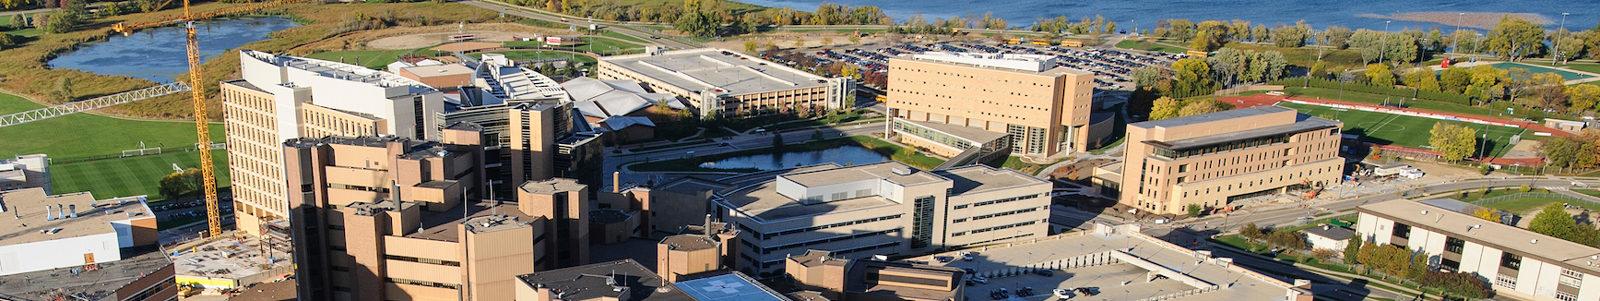 aerial photo of UW-Madison campus